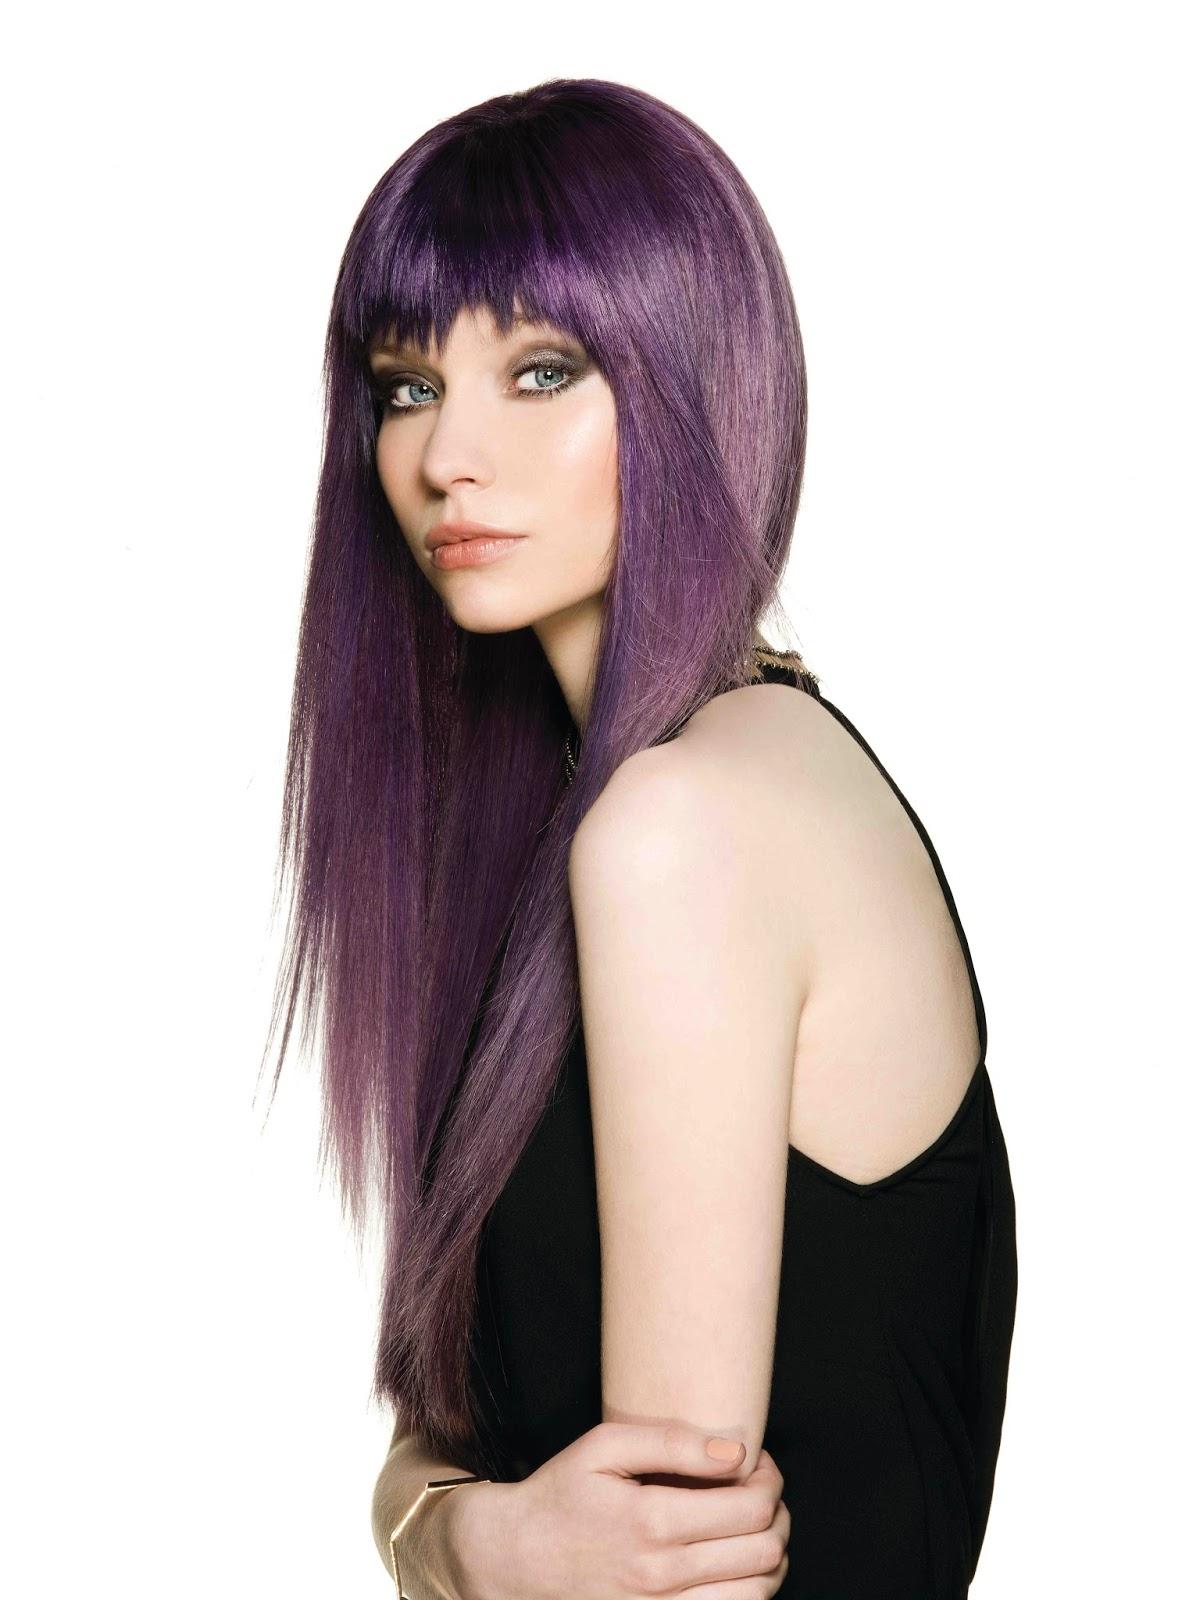 Popolare Tagli Capelli by Estetica.it: Capelli viola: crazy hairtrend  IE99